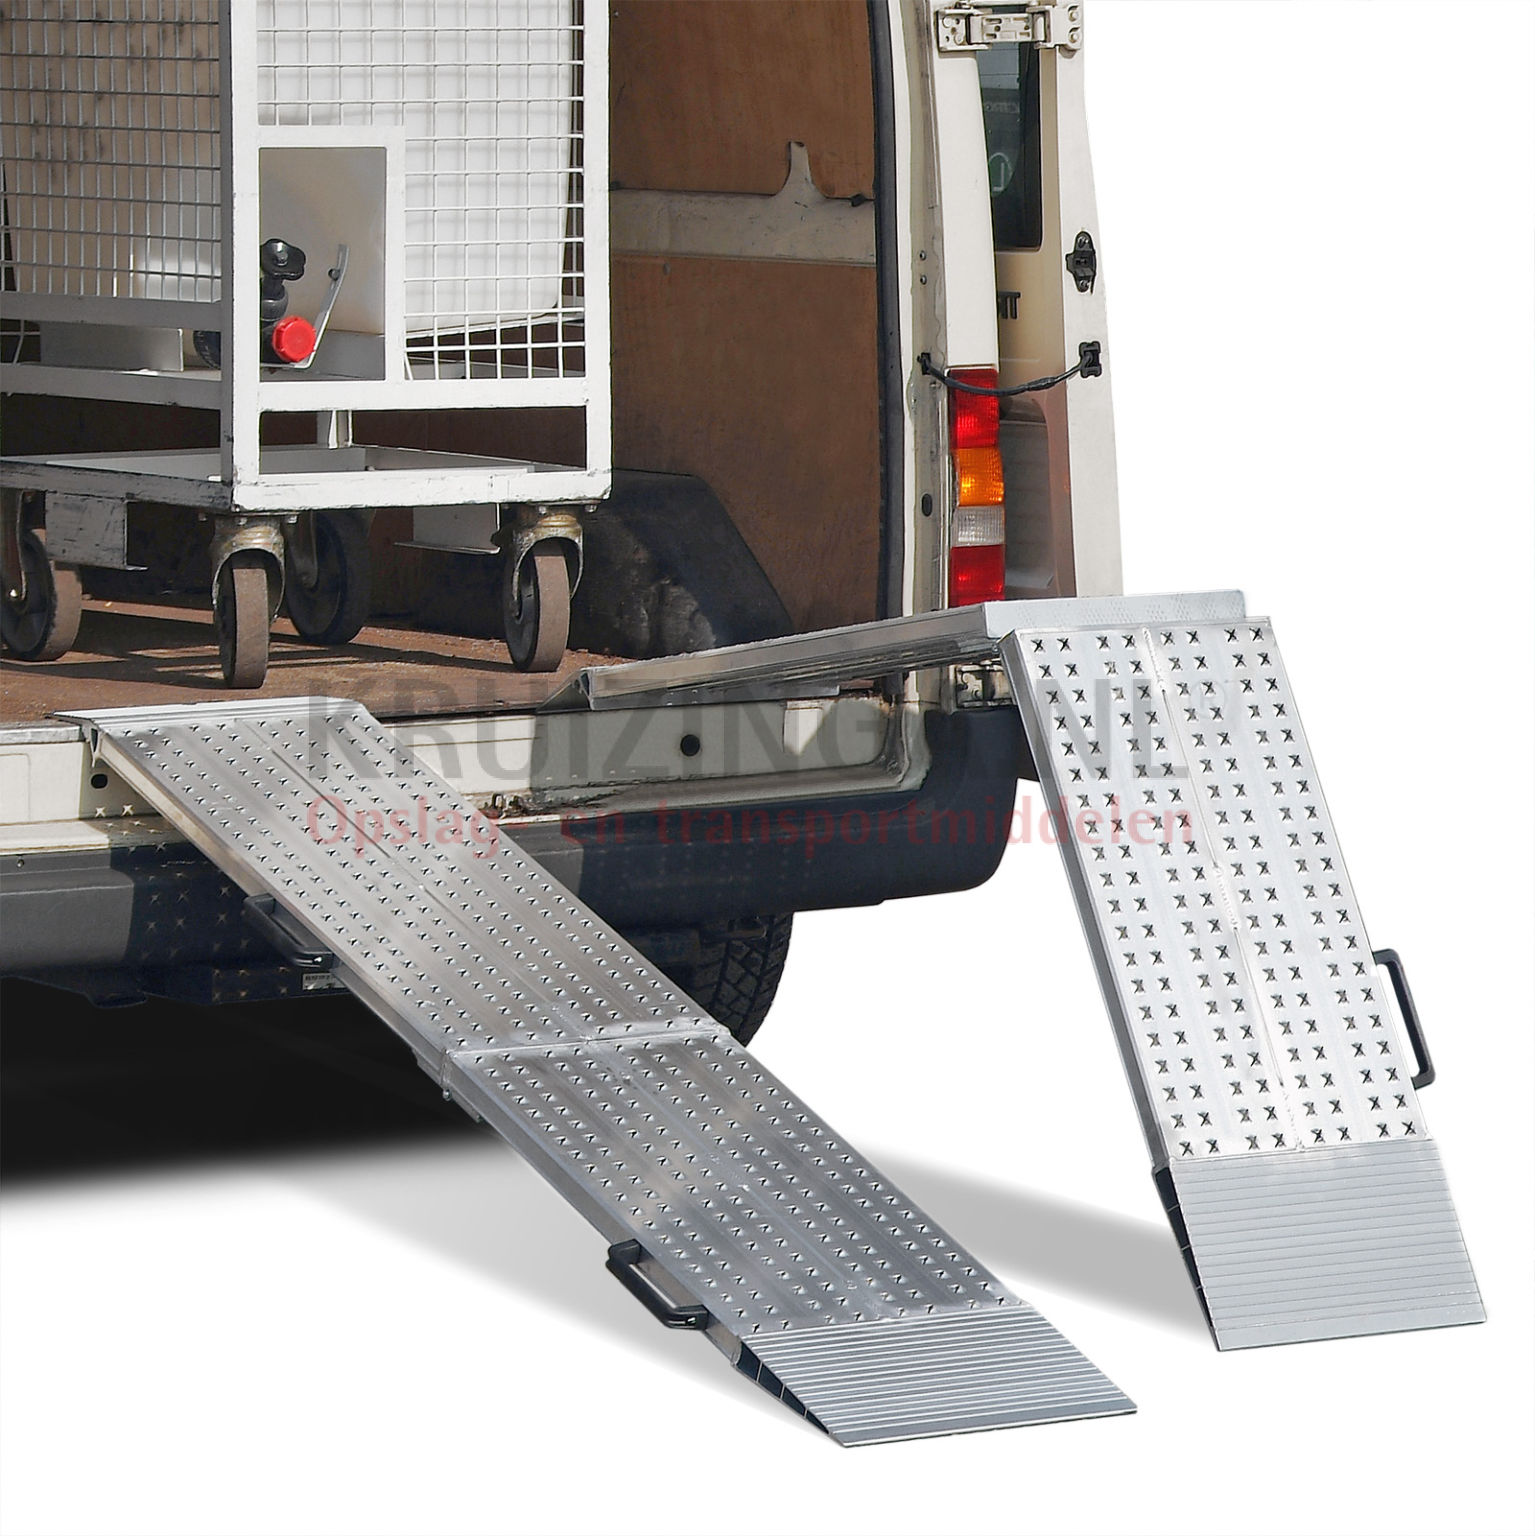 verladeschienen auffahrrampen auffahrrampe einklapbar aluminium 200 cm pro st ck 454 frei. Black Bedroom Furniture Sets. Home Design Ideas